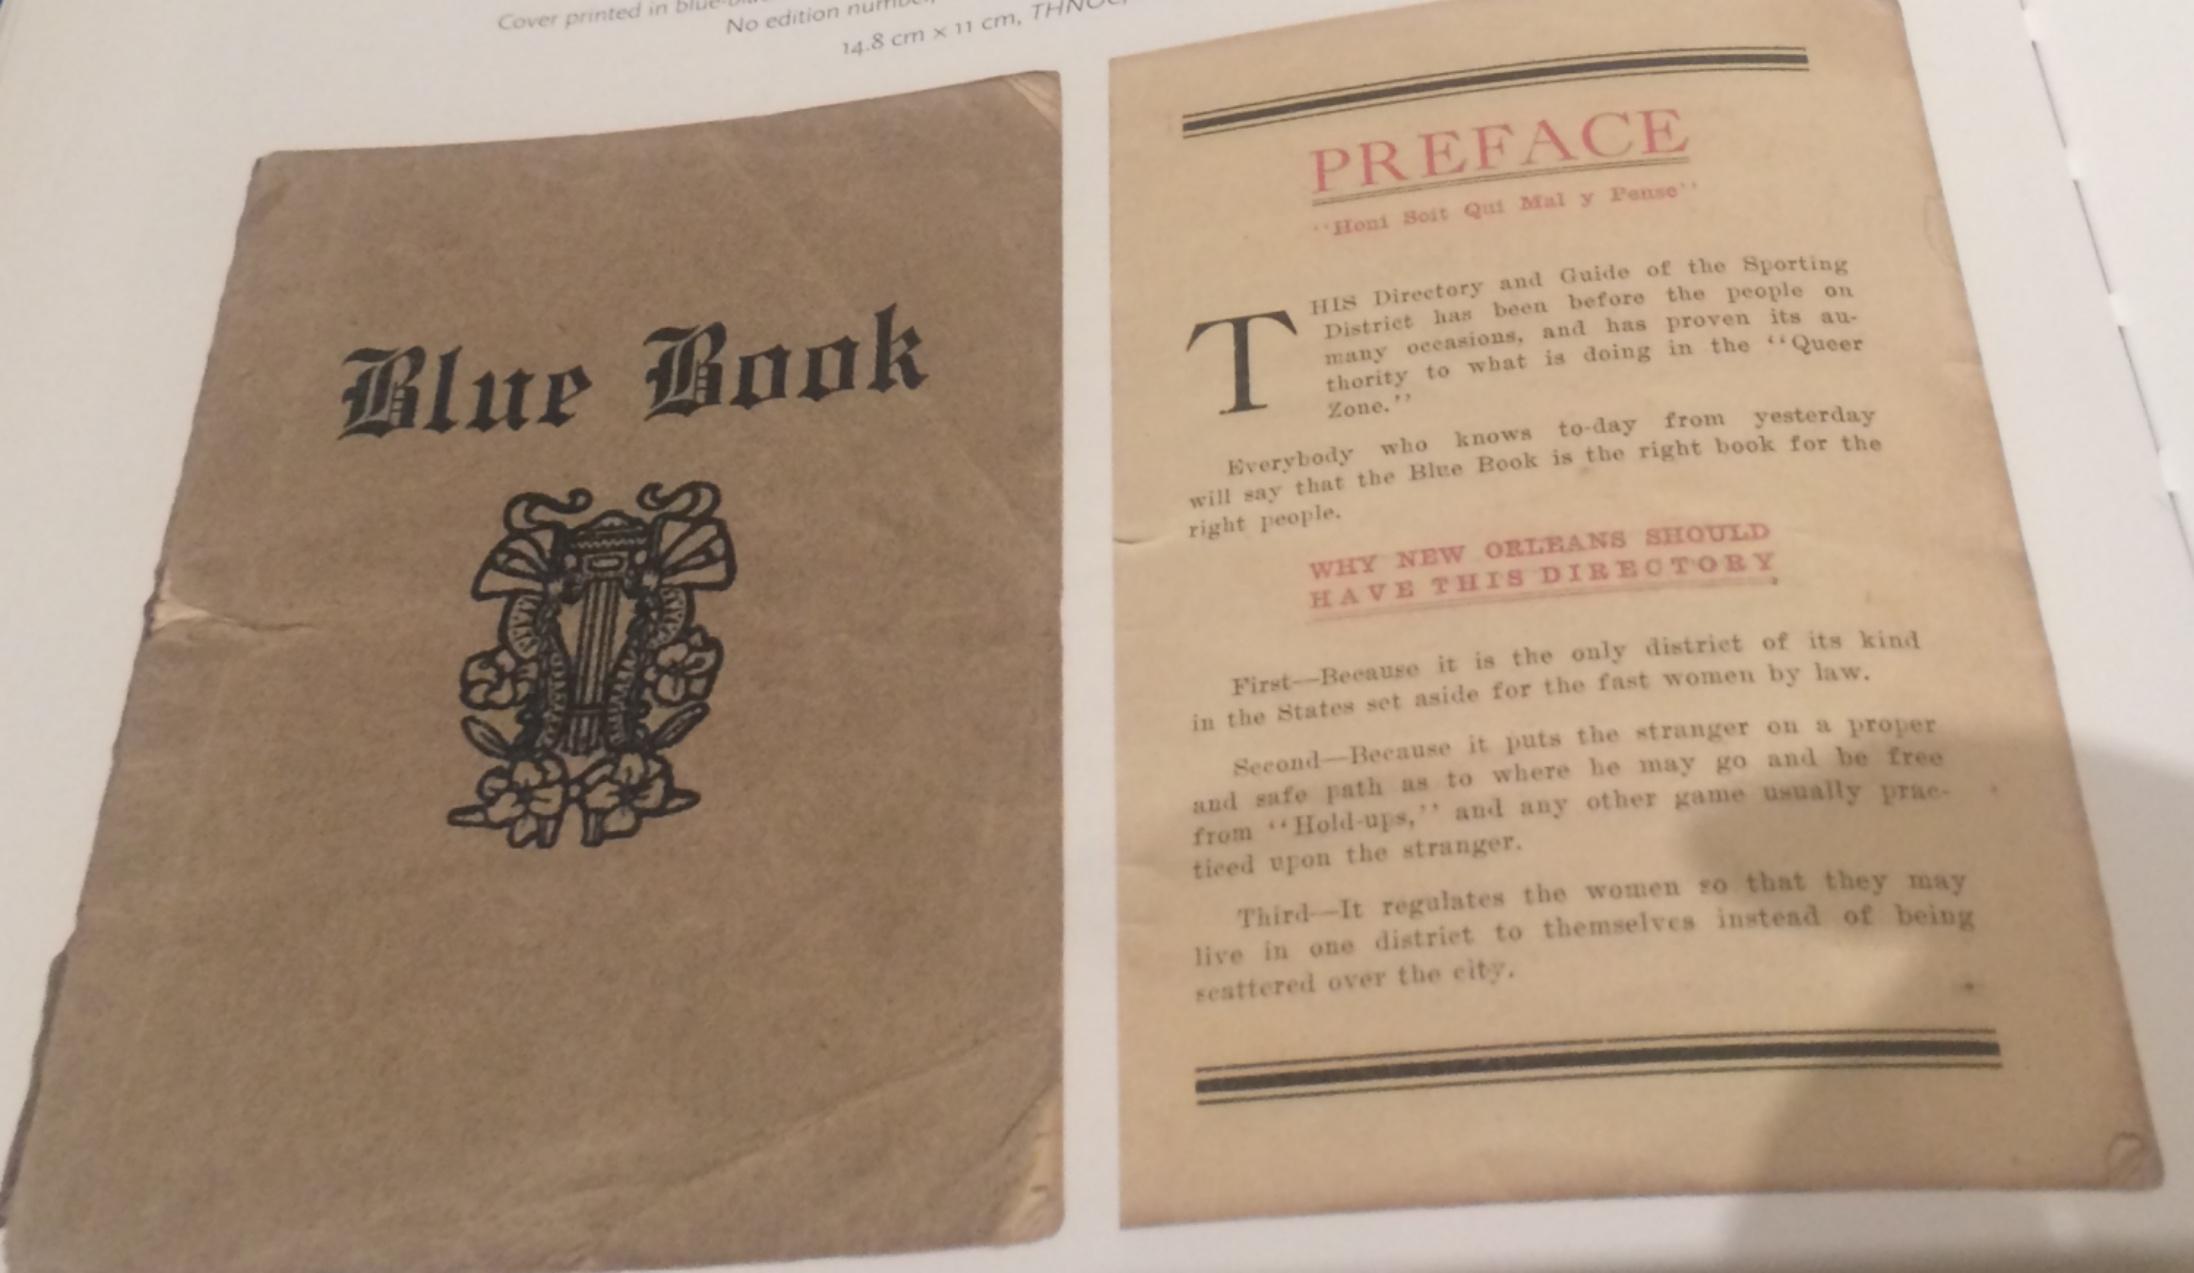 blue Book_ preface